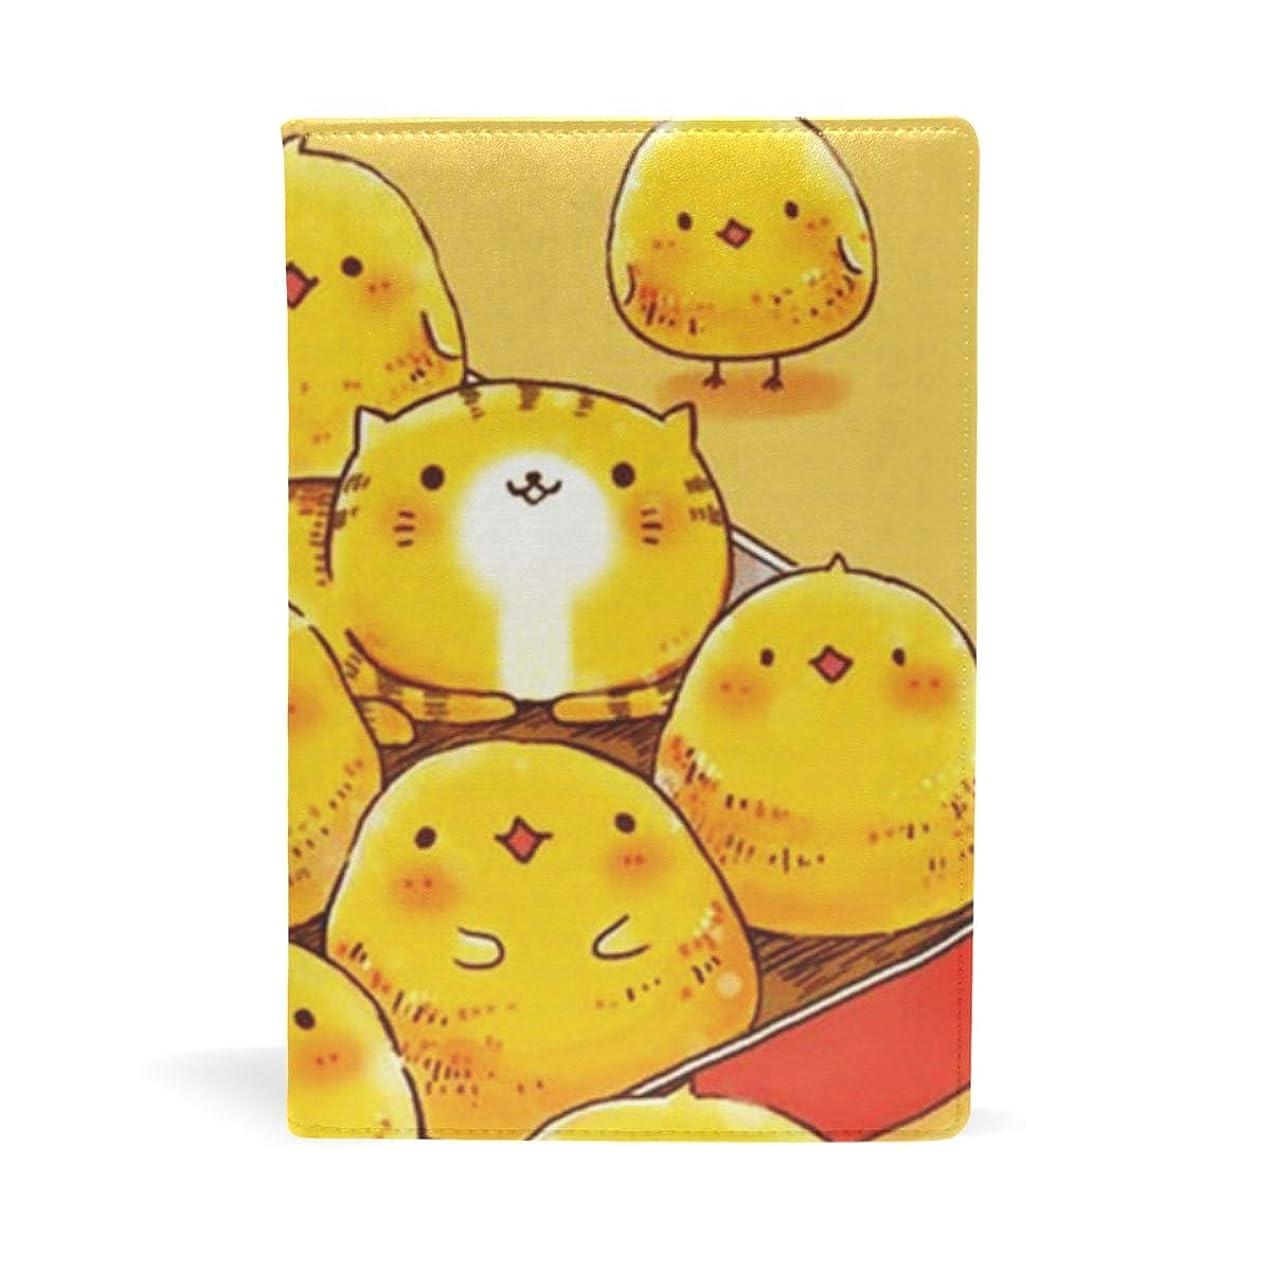 くそー控える慈悲ブックカバー 文庫 a5 皮革 レザー かわいい鶏のたこ焼き 文庫本カバー ファイル 資料 収納入れ オフィス用品 読書 雑貨 プレゼント